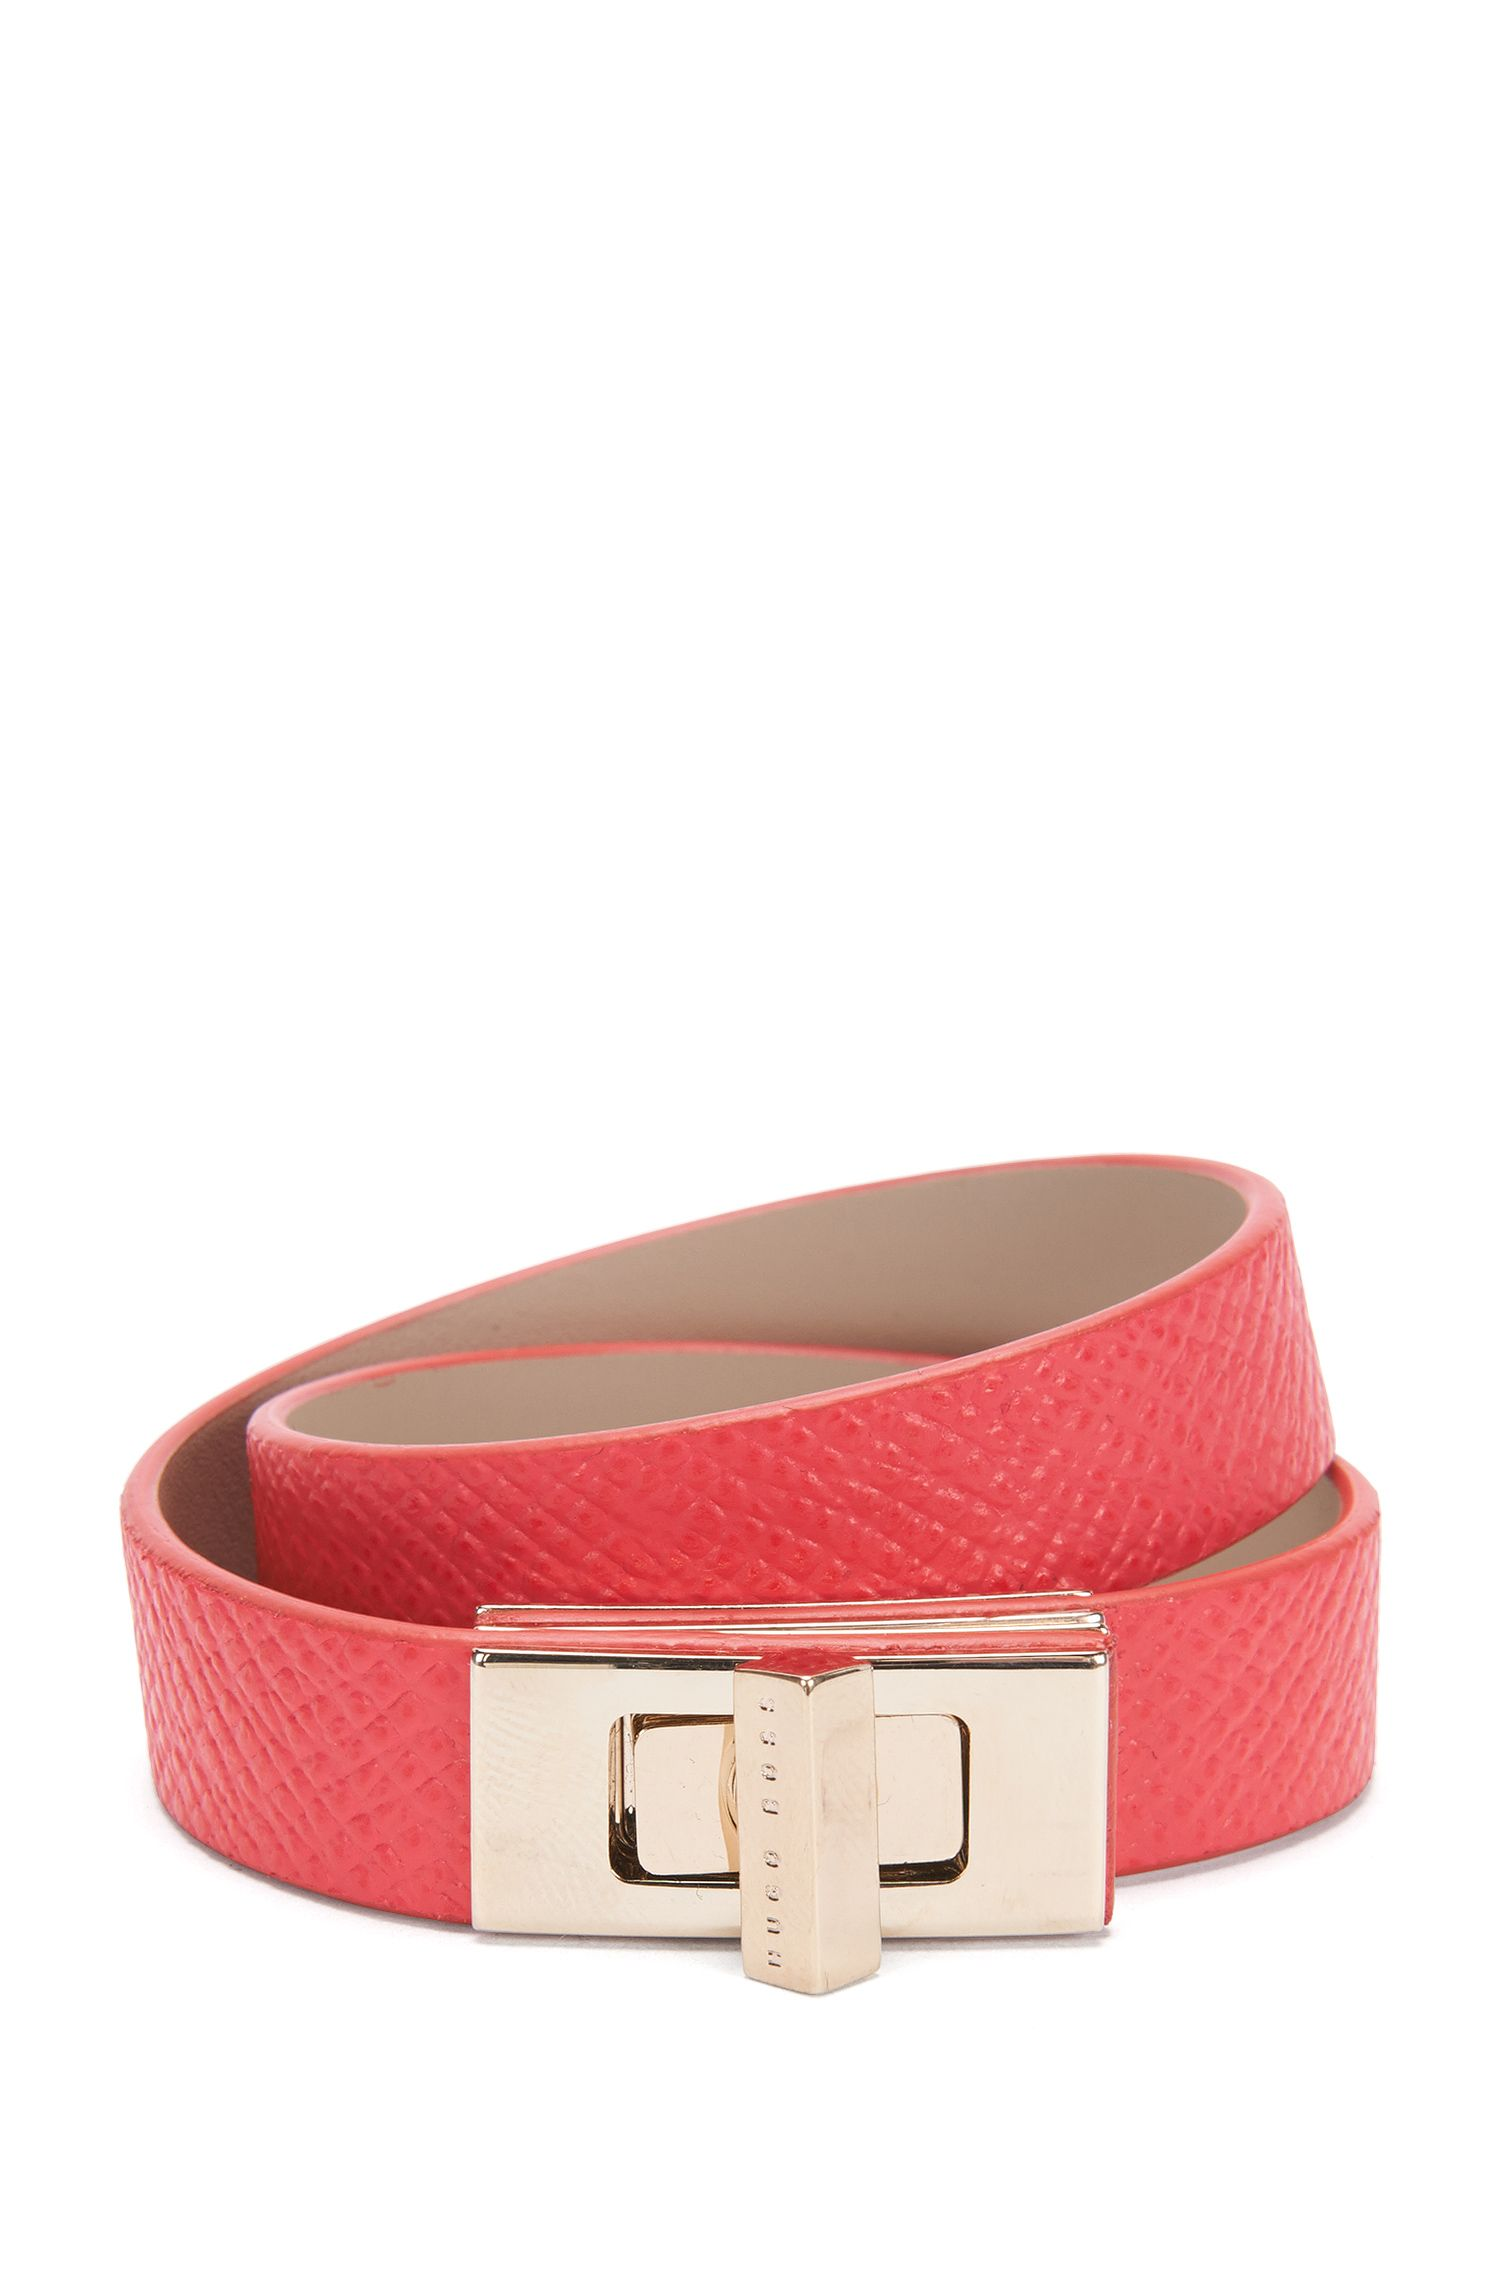 'BOSS Bespoke Br FPA' | Leather Turnlock Wrap Bracelet